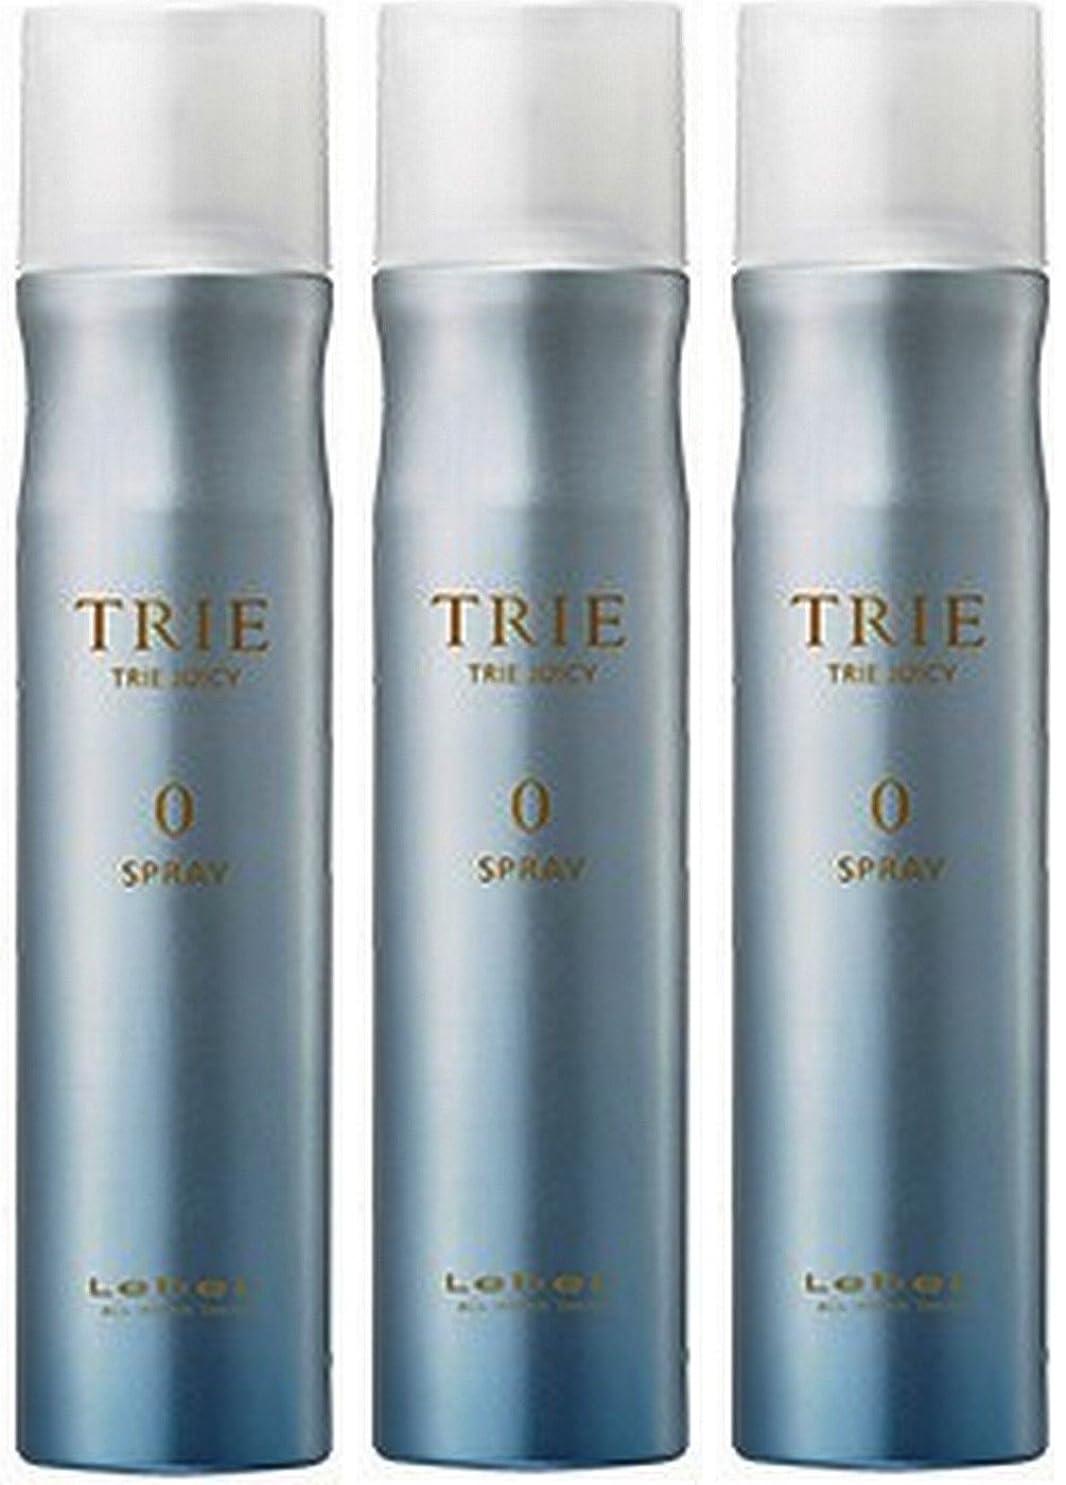 くしゃくしゃ薬先例ルベル トリエ ジューシースプレー0 170g ×3個セット Lebel Trie スタイリング